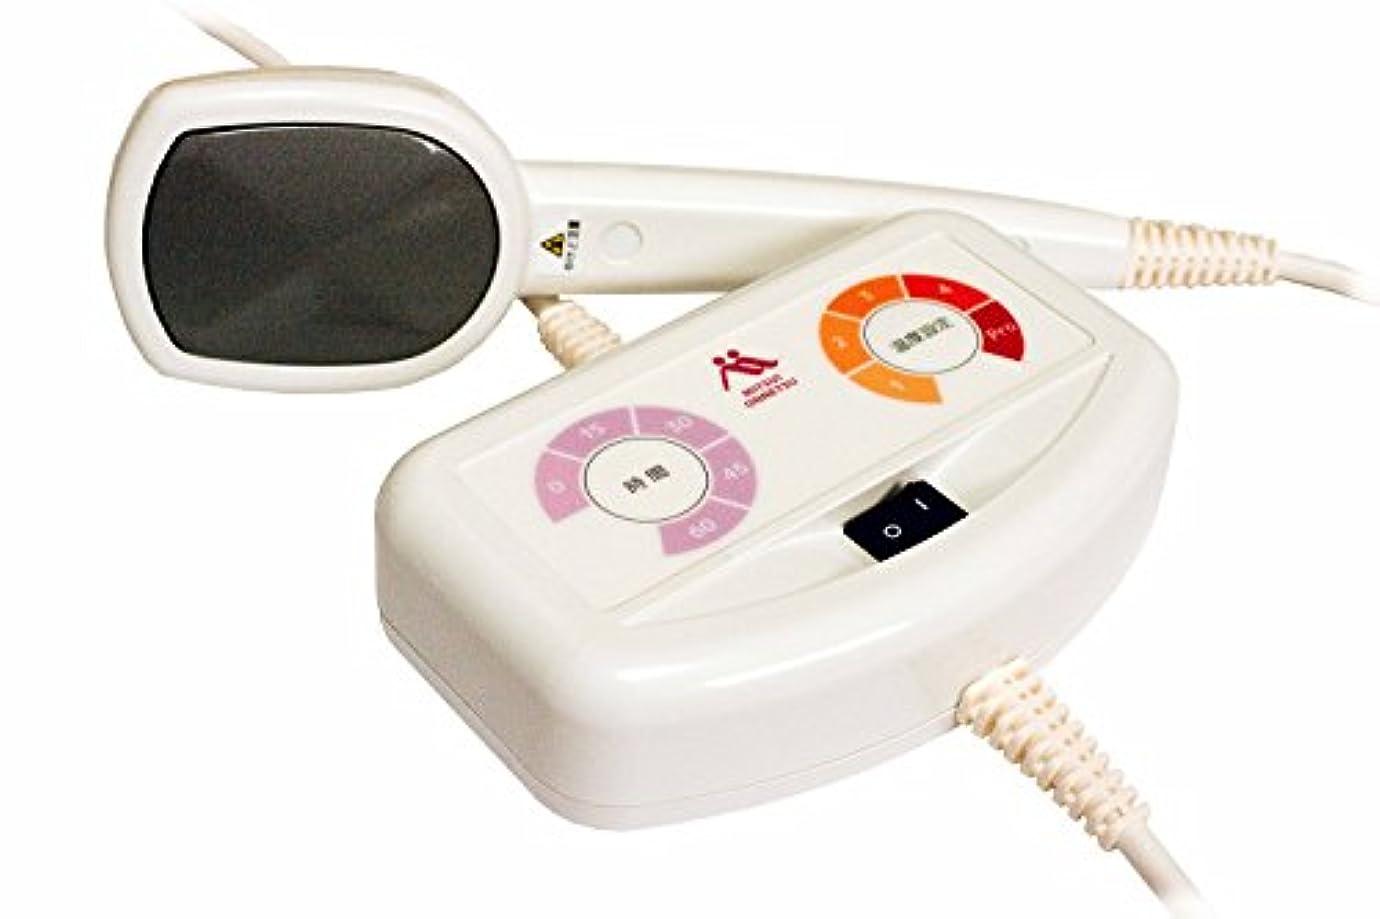 誤解を招くの慈悲でブラウザ家庭用温熱治療器「三井式温熱治療器3」